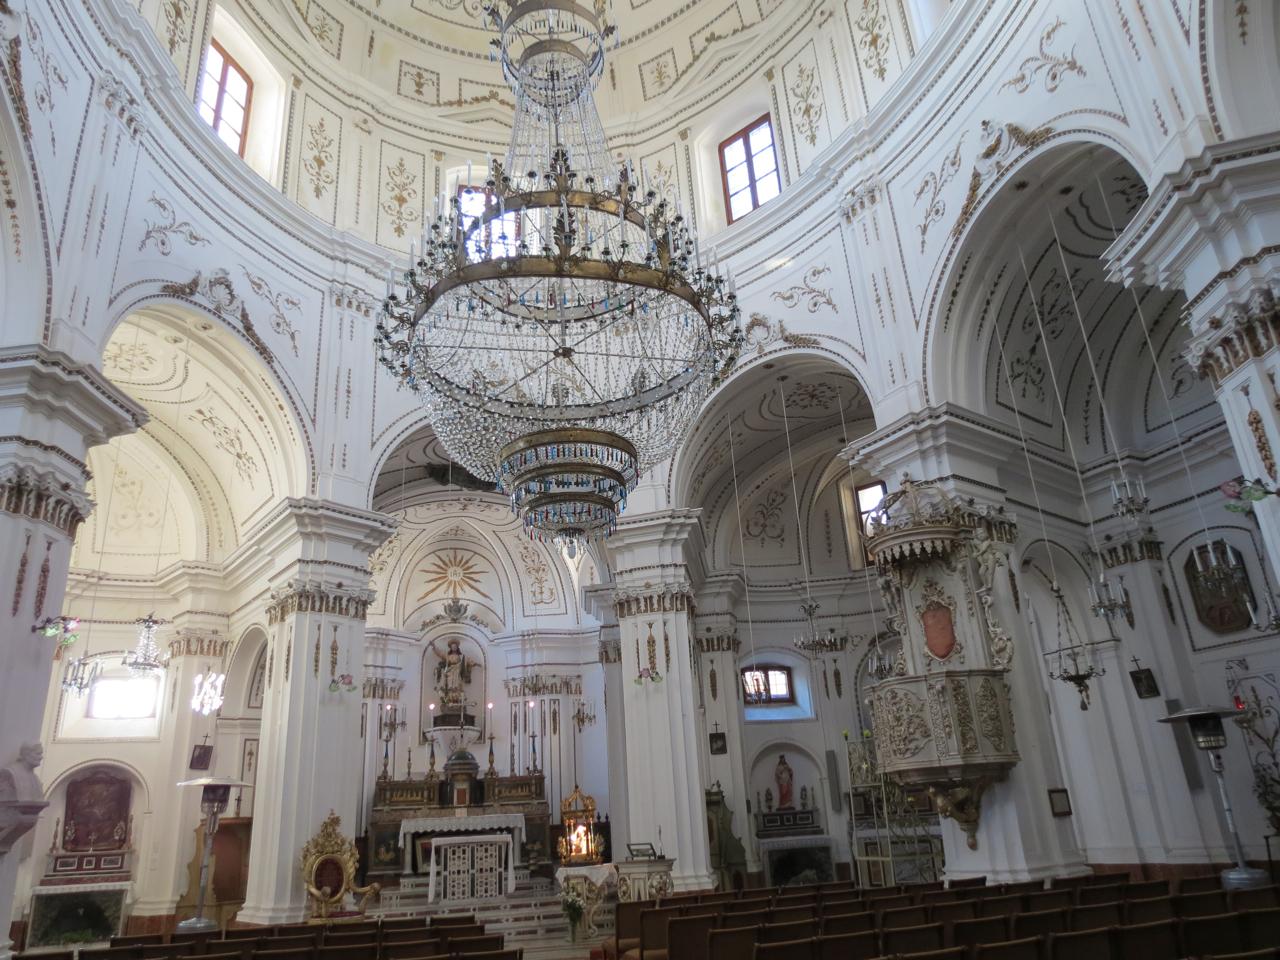 Interior of the church of San Salvatore, Petralia Soprana, Sicily